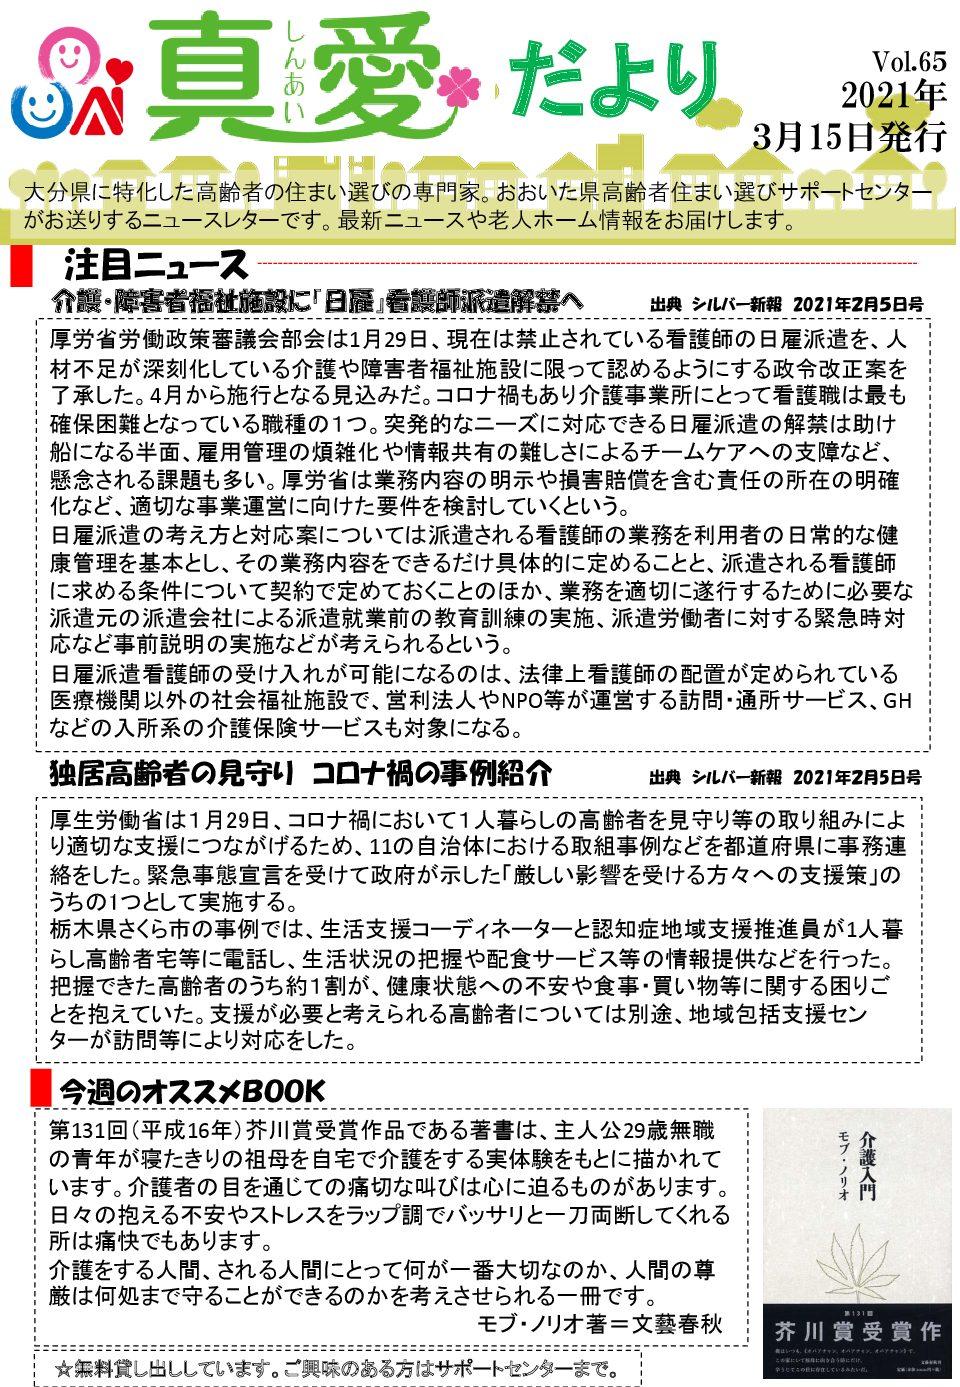 真愛だより【Vol.65】2021.3.15 発行